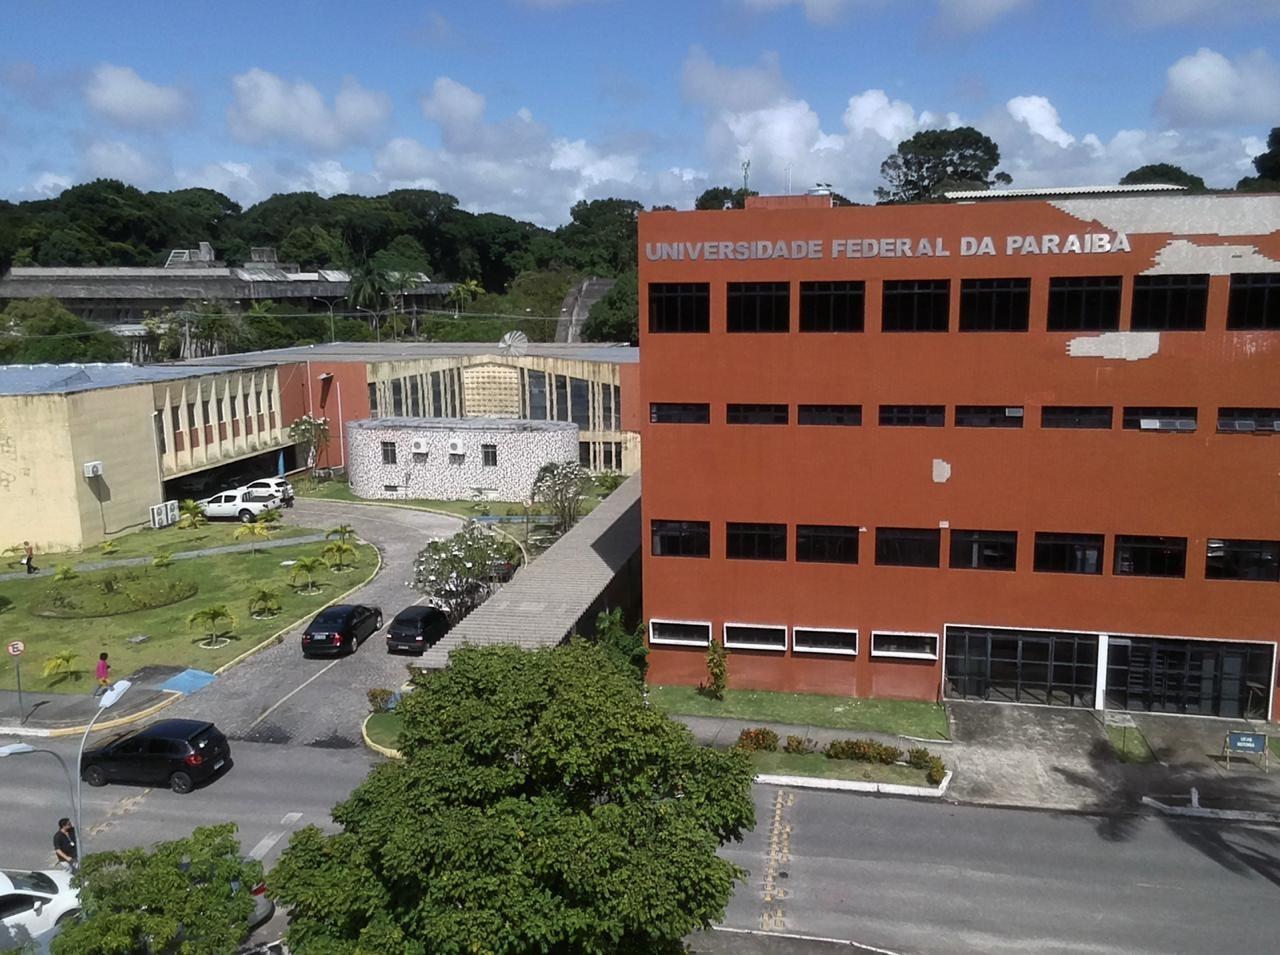 UFPB oferta mais de 2 mil vagas para entrada de graduados, reopção e transferência de curso - Notícias - Plantão Diário